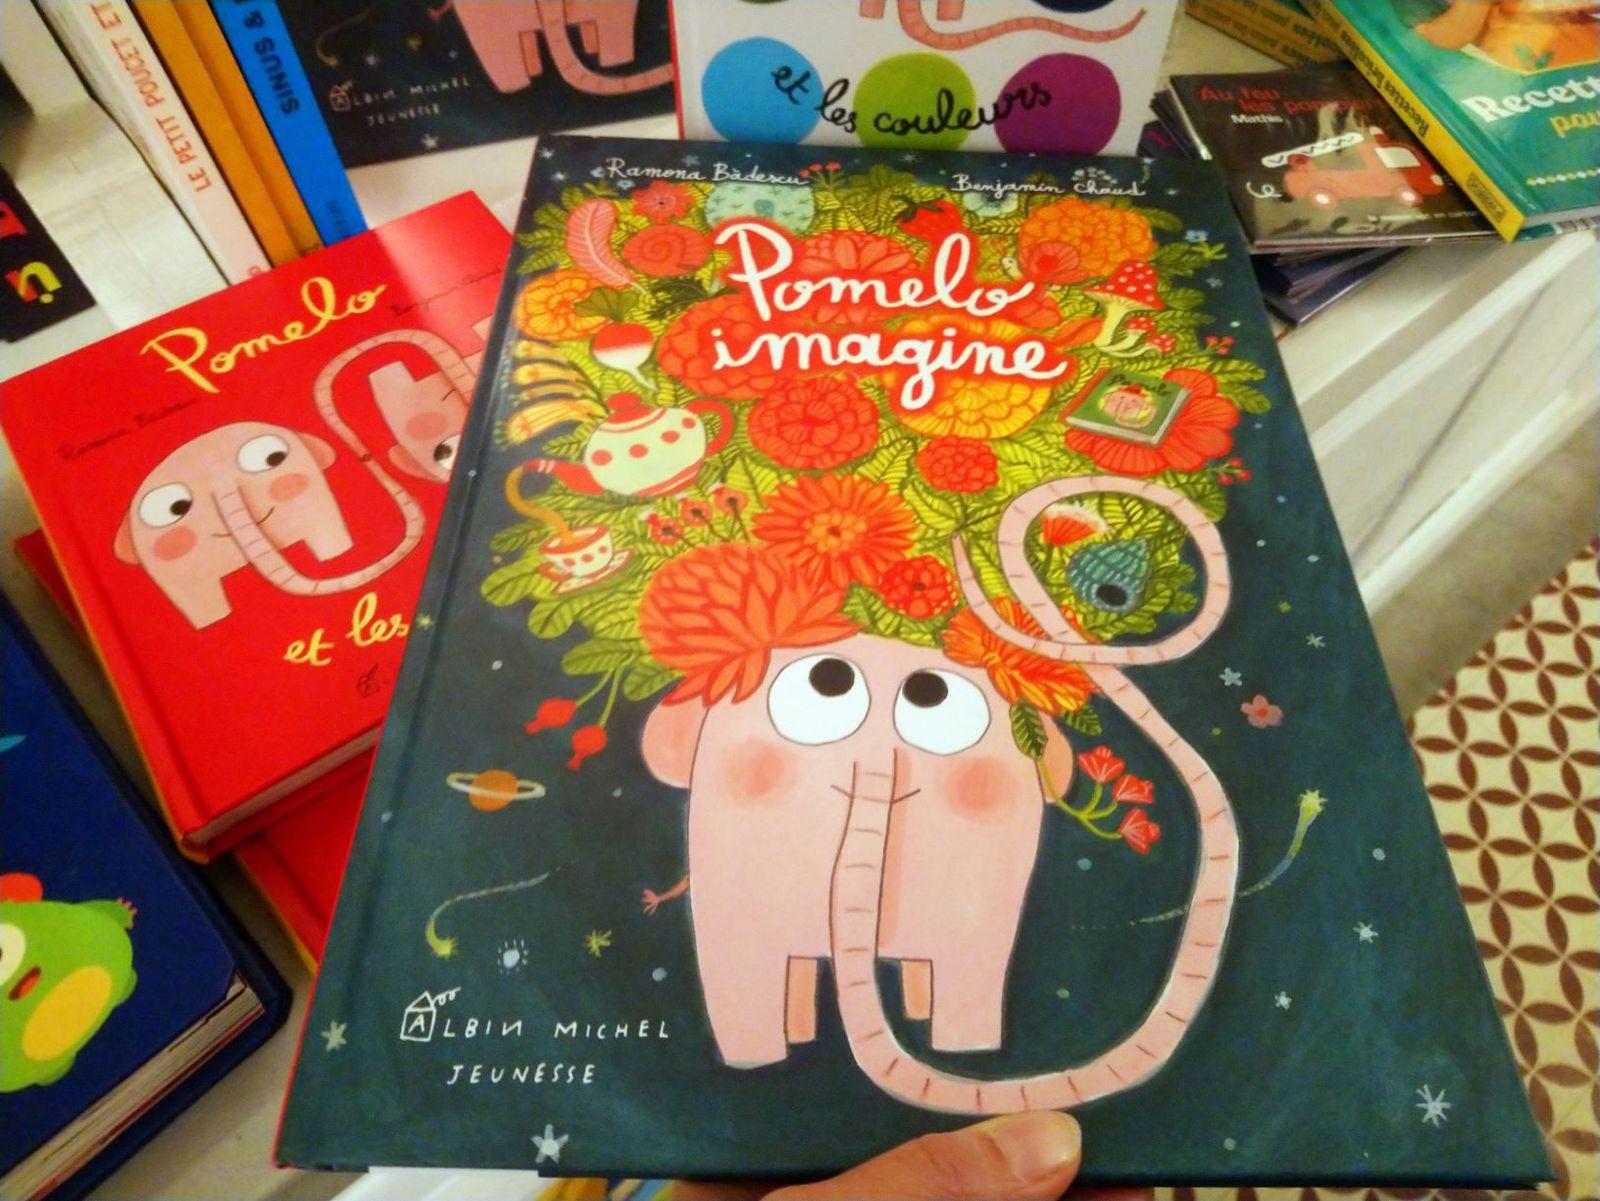 Pomelo imagine de Ramona Badescu et Benjamin Chaud, Albin Michel Jeunesse, NOUVEAUTE, 14,50 Euros, à partir de 4 ans